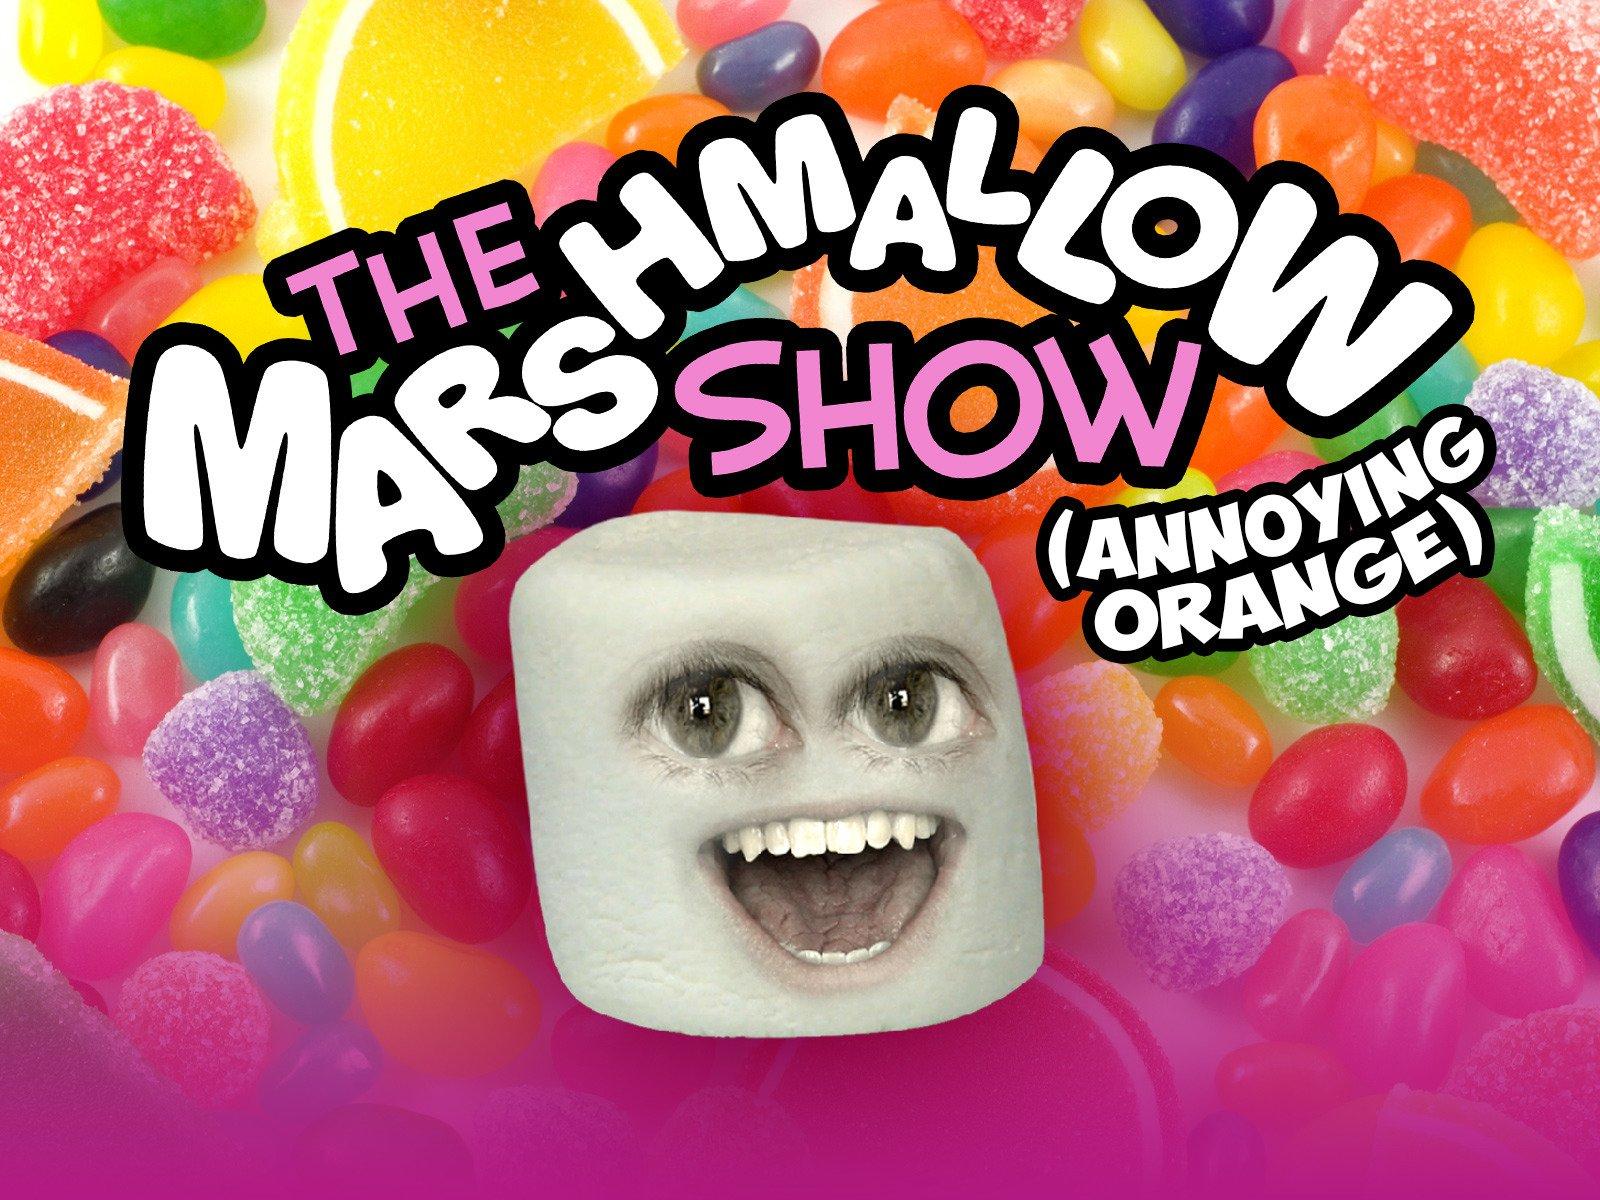 The Marshmallow Show [Annoying Orange] - Season 1